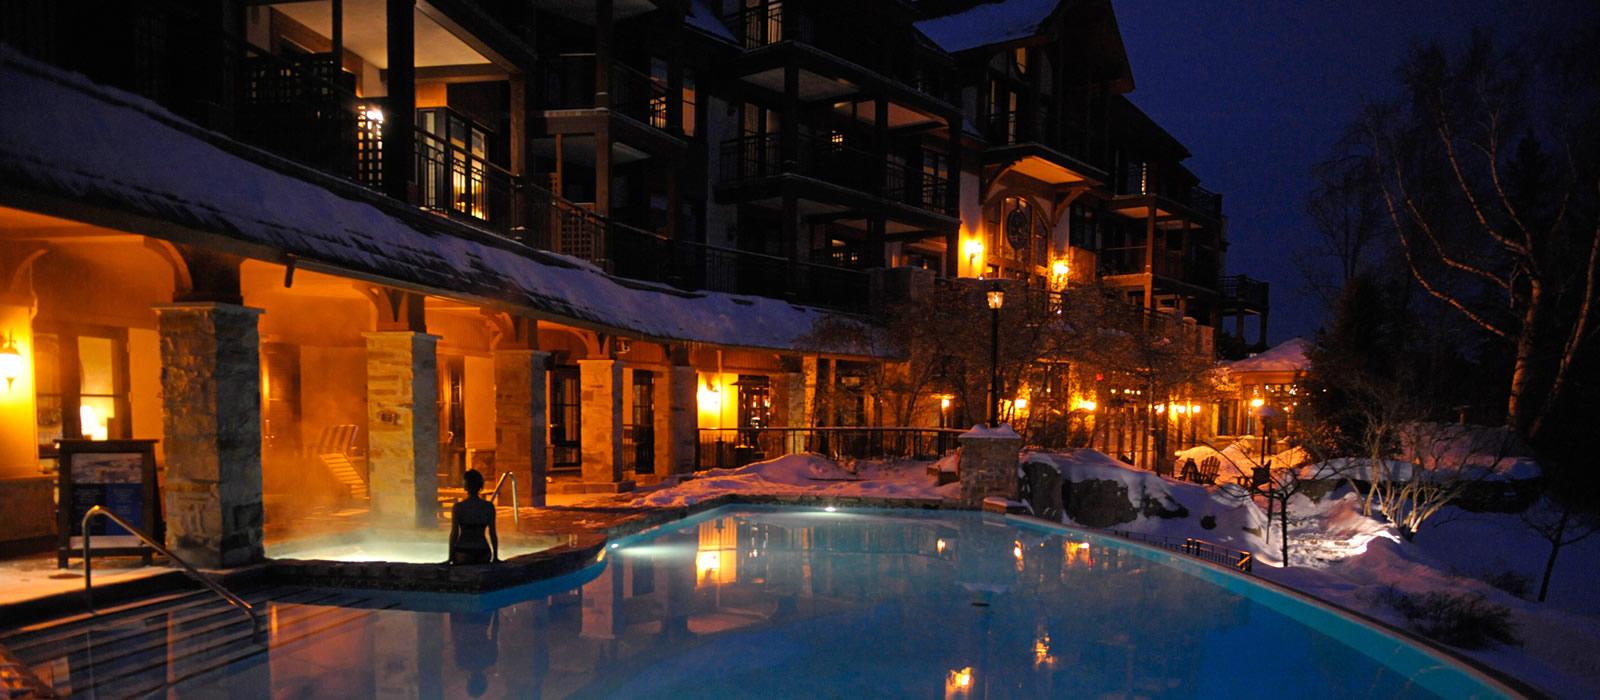 Spa soir hoteles originales for Un hotel ce soir